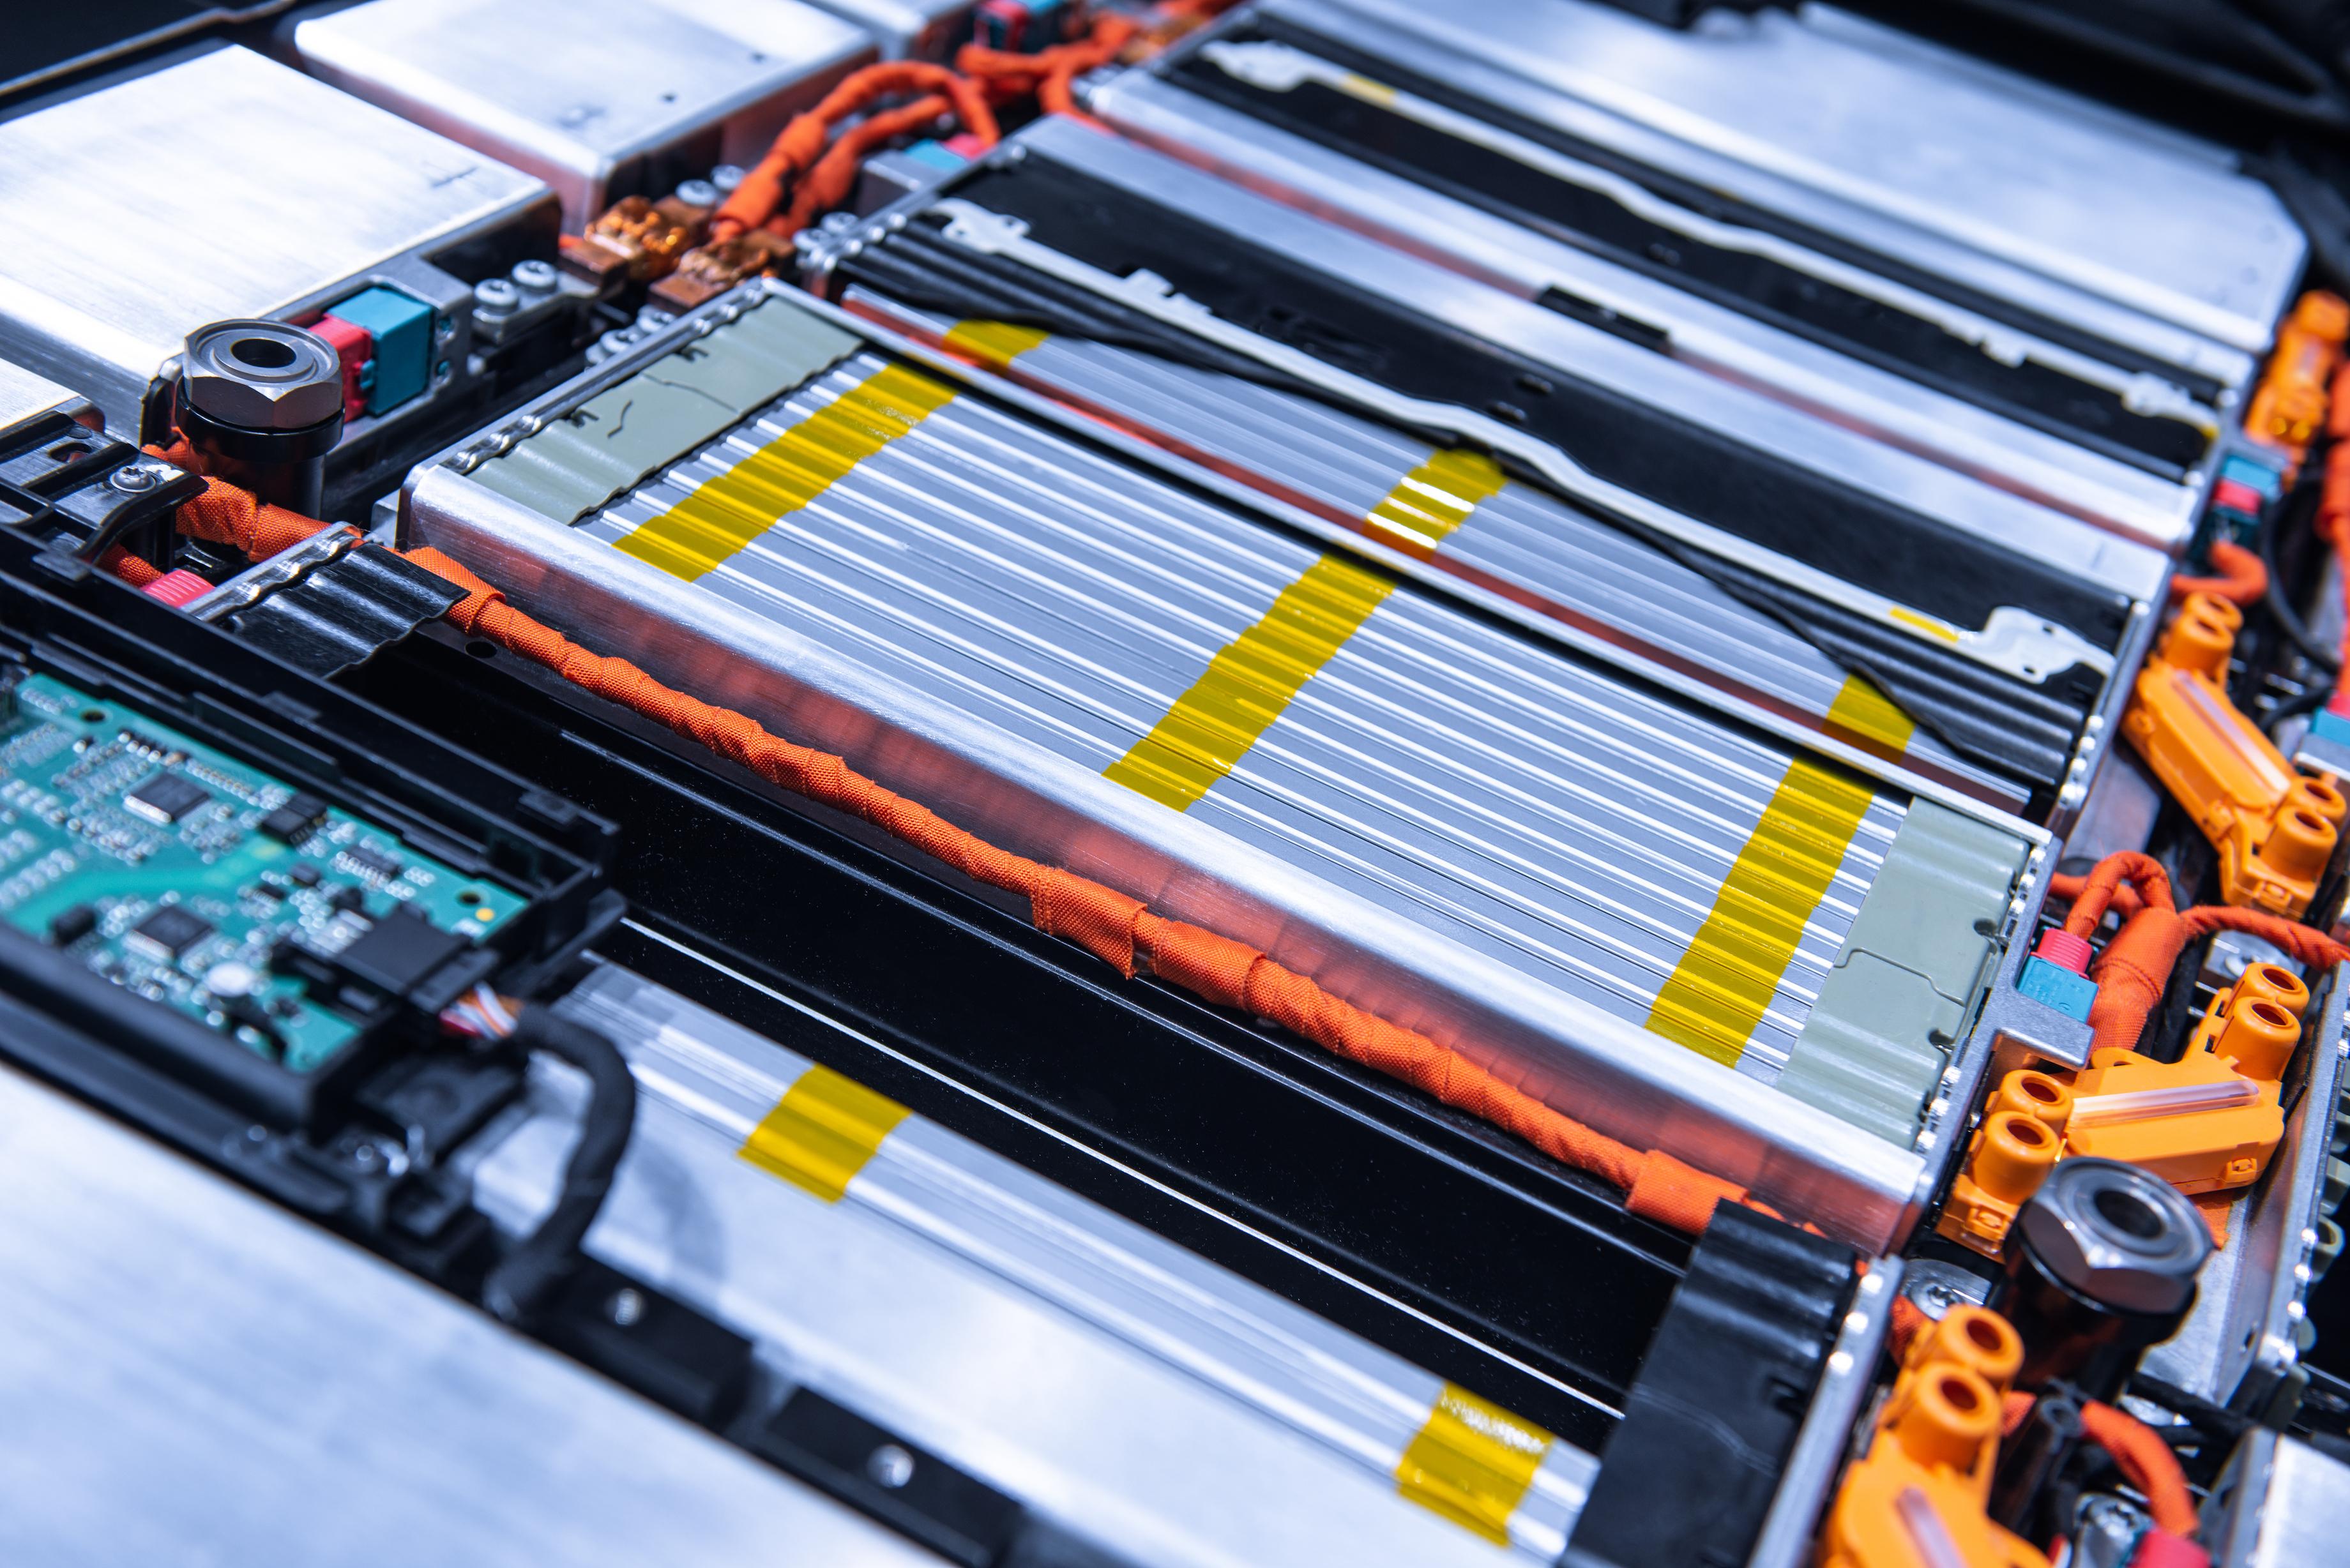 An EV battery cross-section